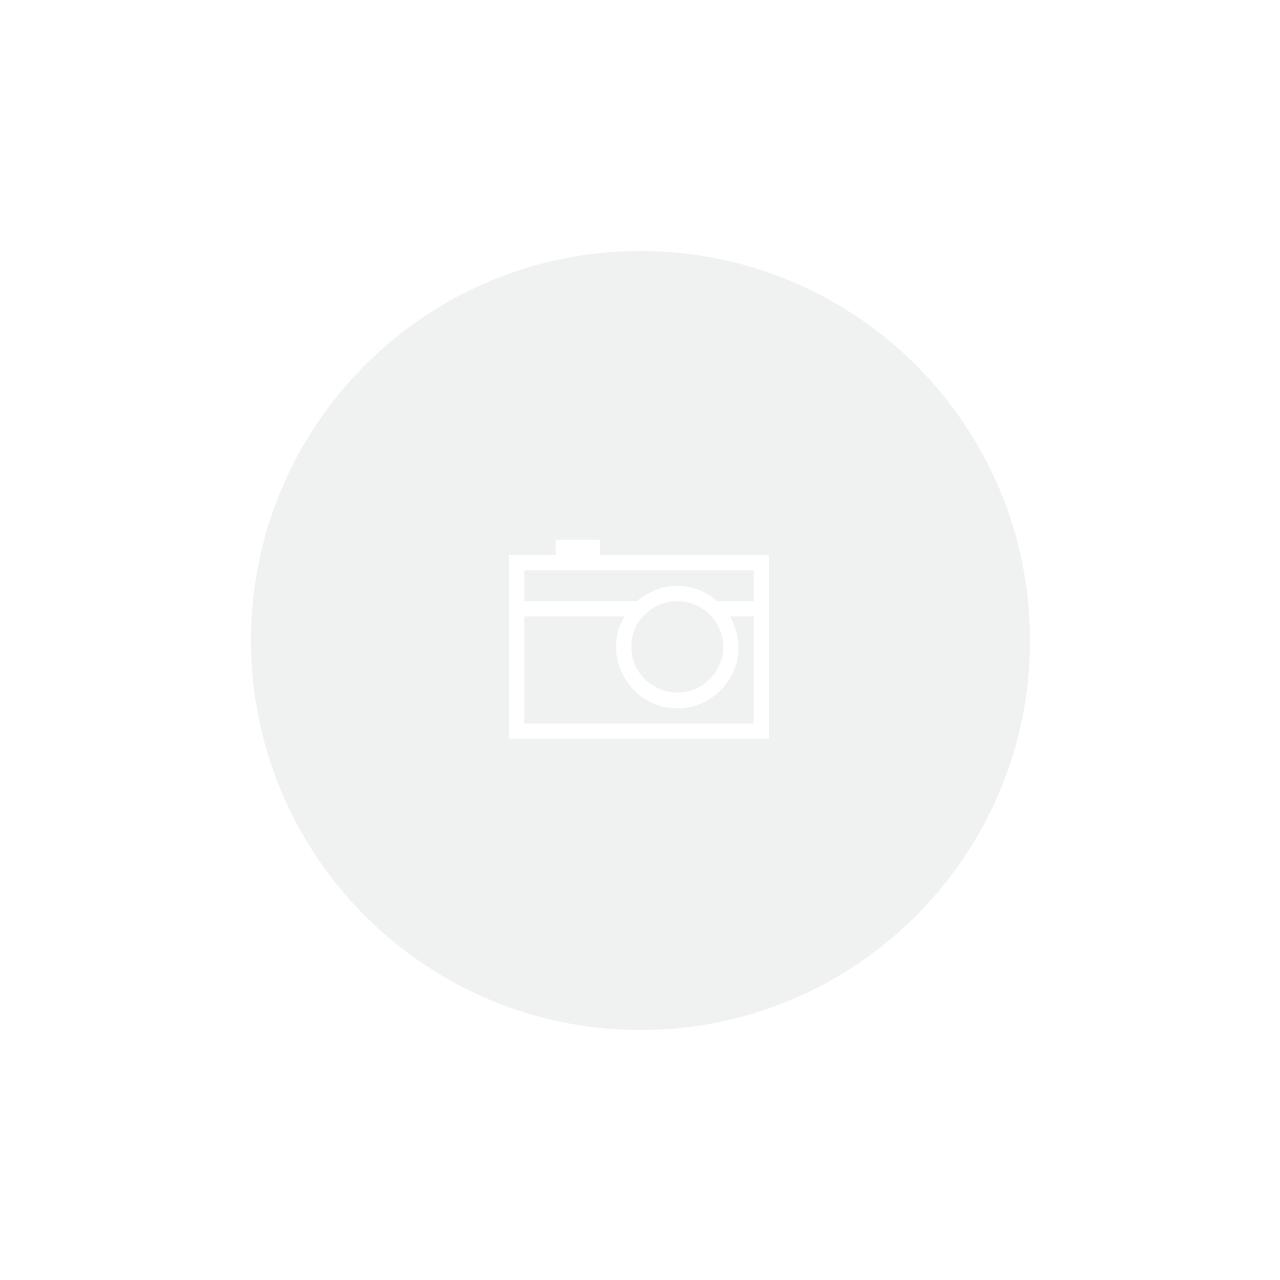 Mochila de couro com alça de zíper Malu